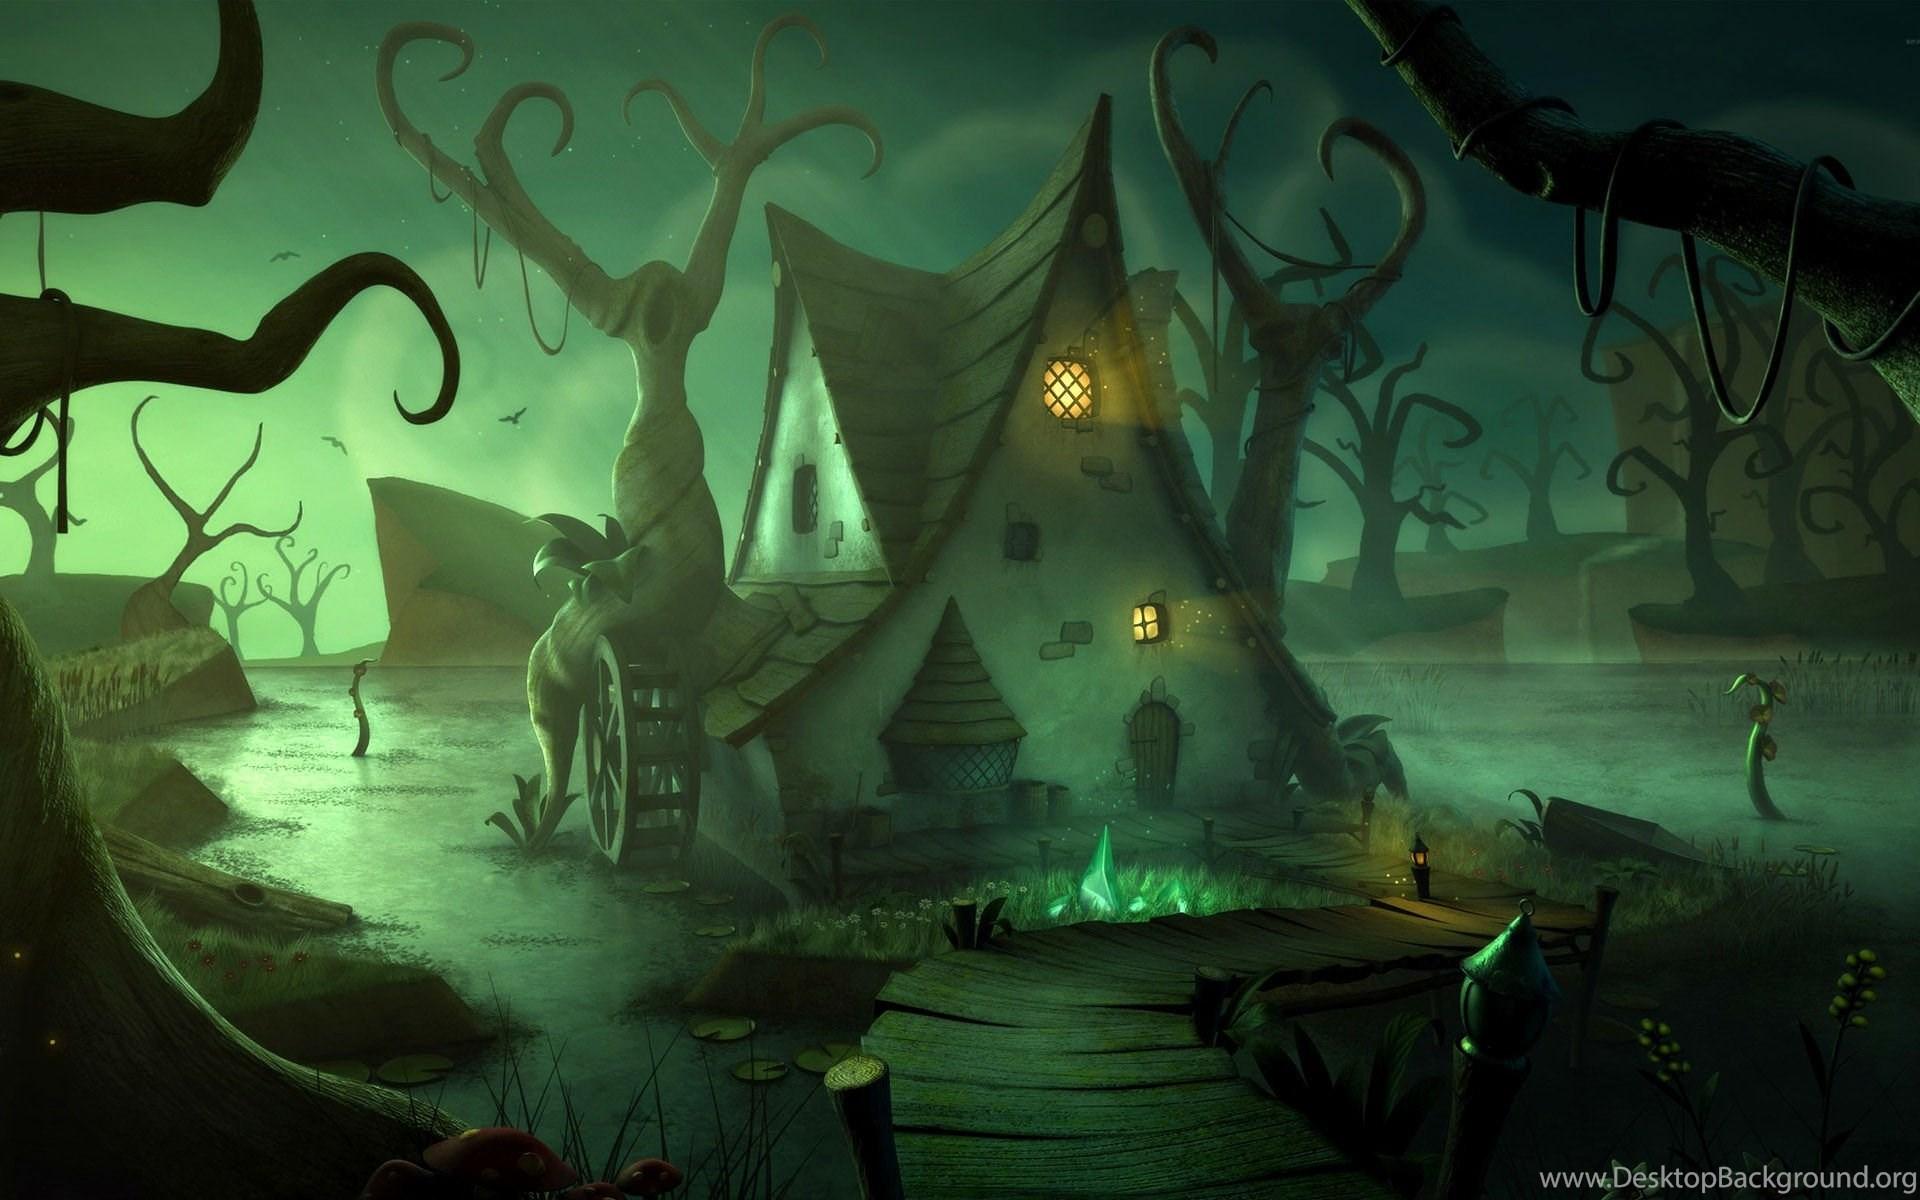 Best Wallpaper Halloween Haunted - 786570_halloween-haunted-house-wallpapers-desktop_1920x1200_h  Photograph_573121.jpg